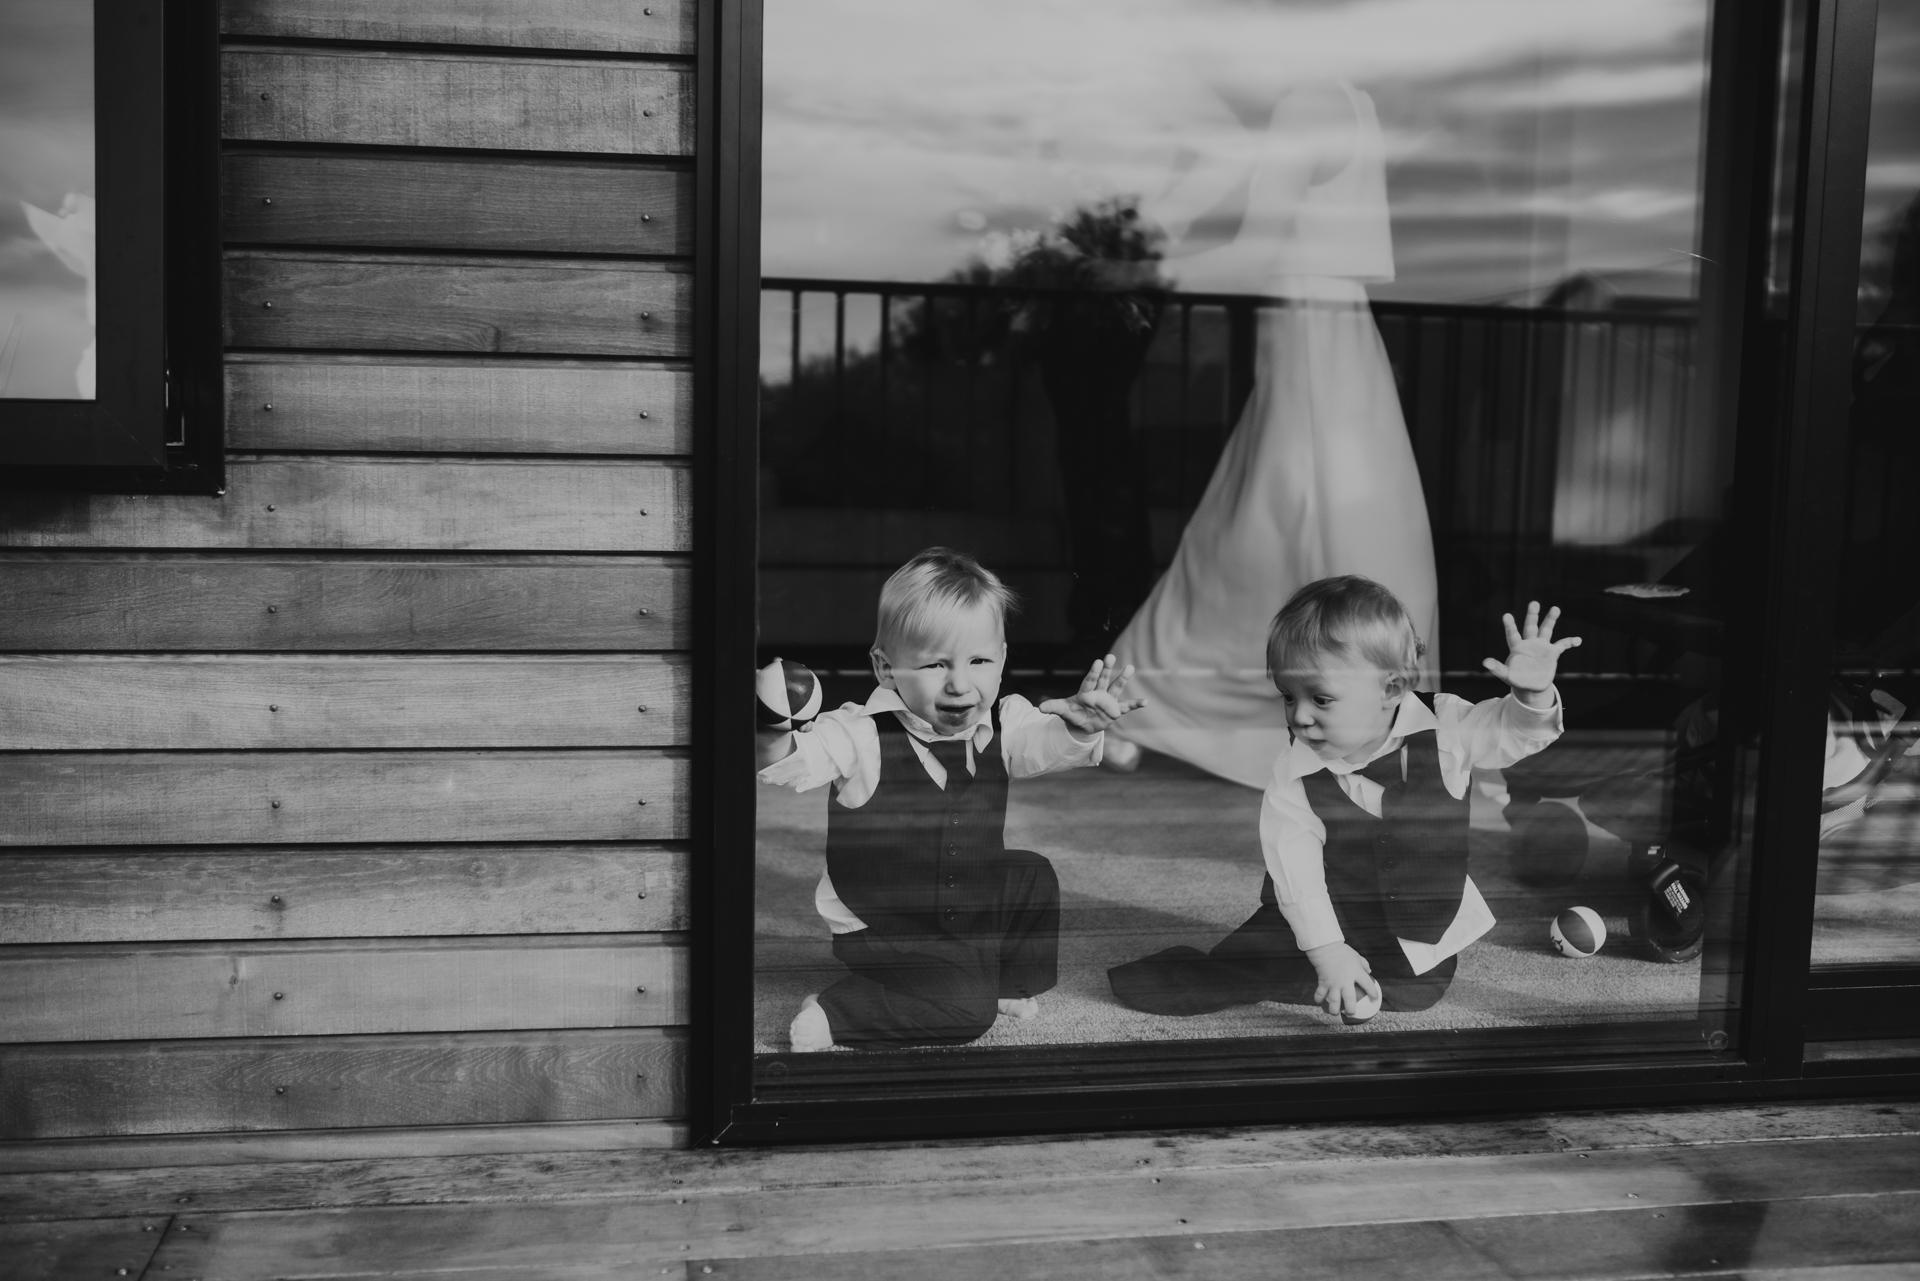 Fotograaf schaking in Nieuw-Zeeland | twee kleine jongens die zich amuseren en door de grote schuifdeur naar het balkon kijken